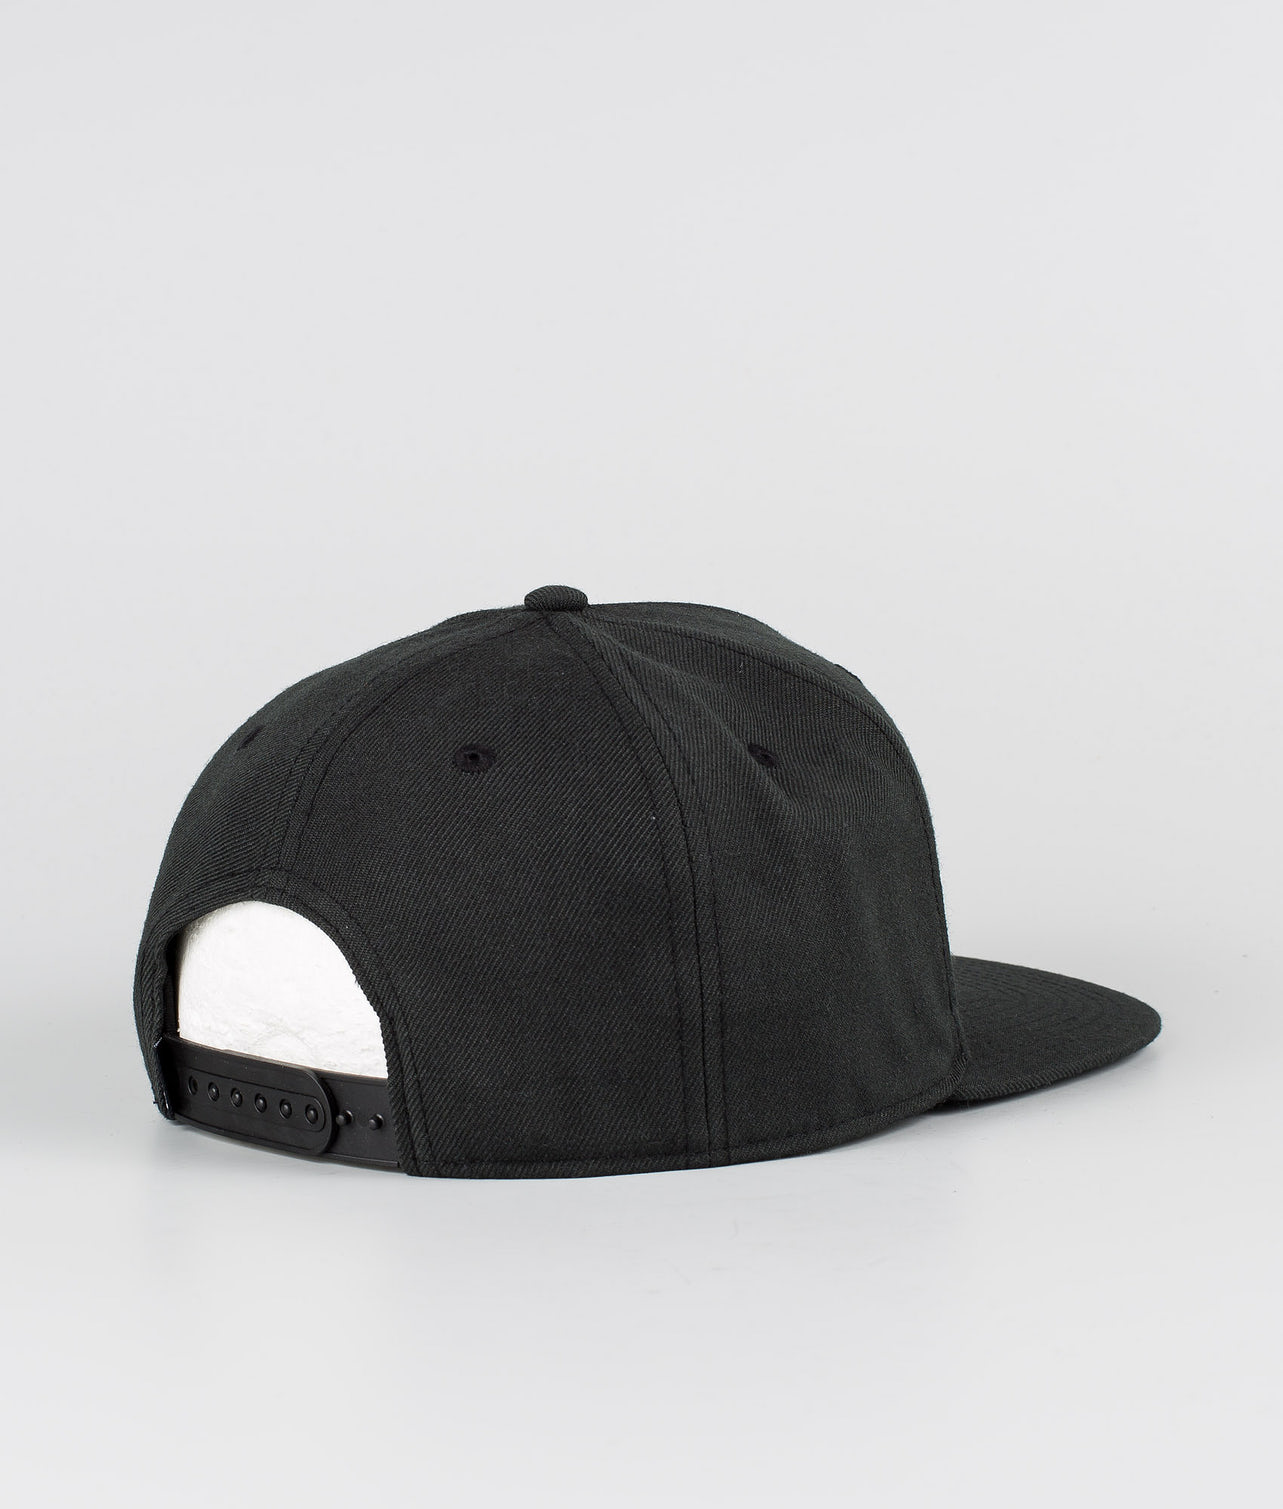 Dope Paradise Caps Black